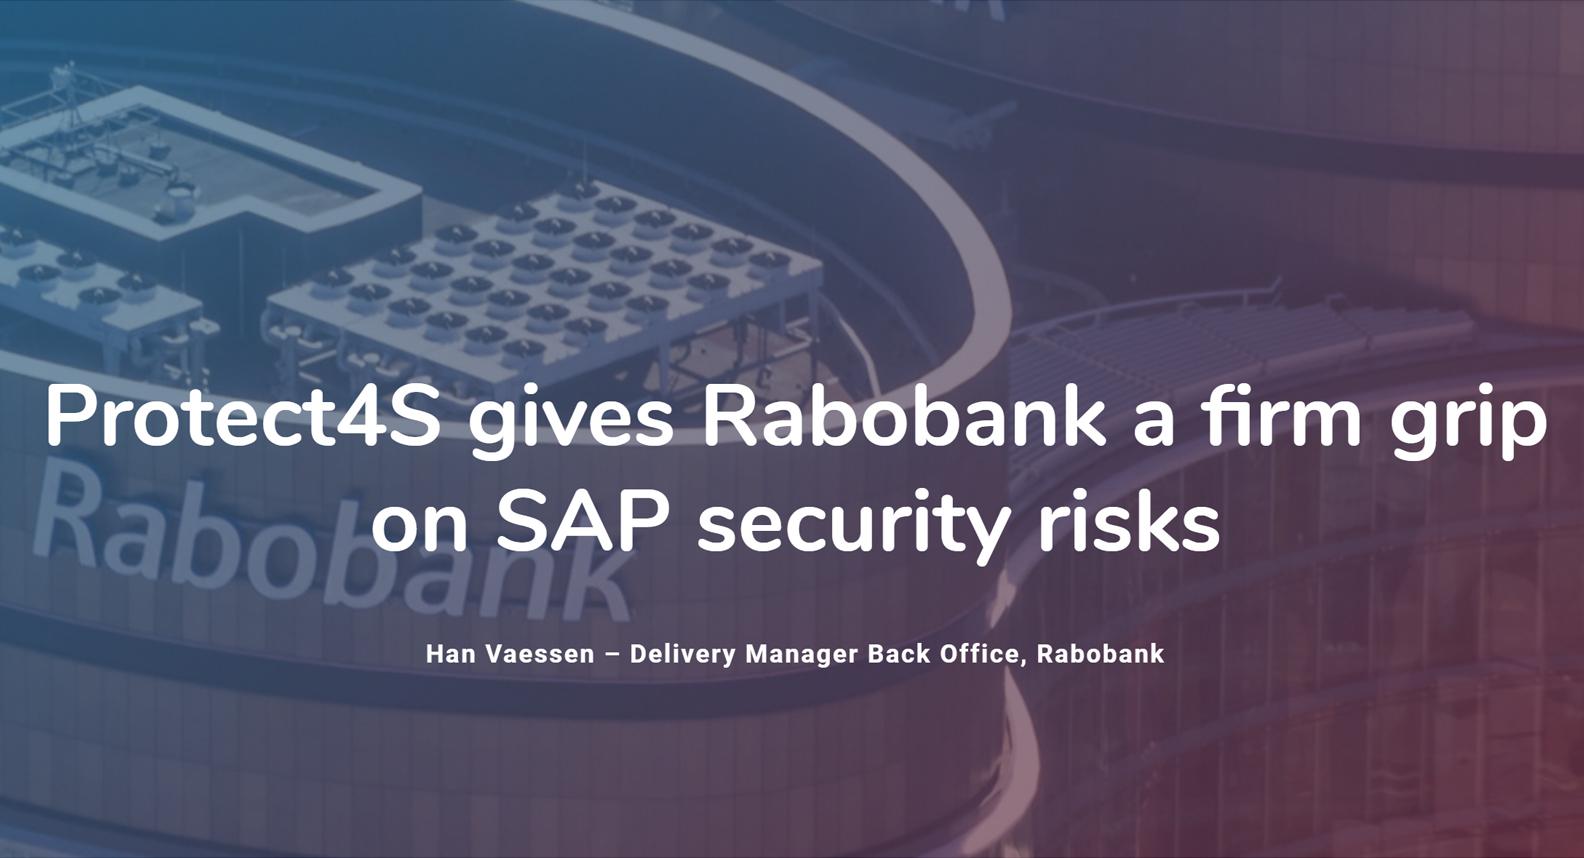 Case rabobank protect4s SAP security en